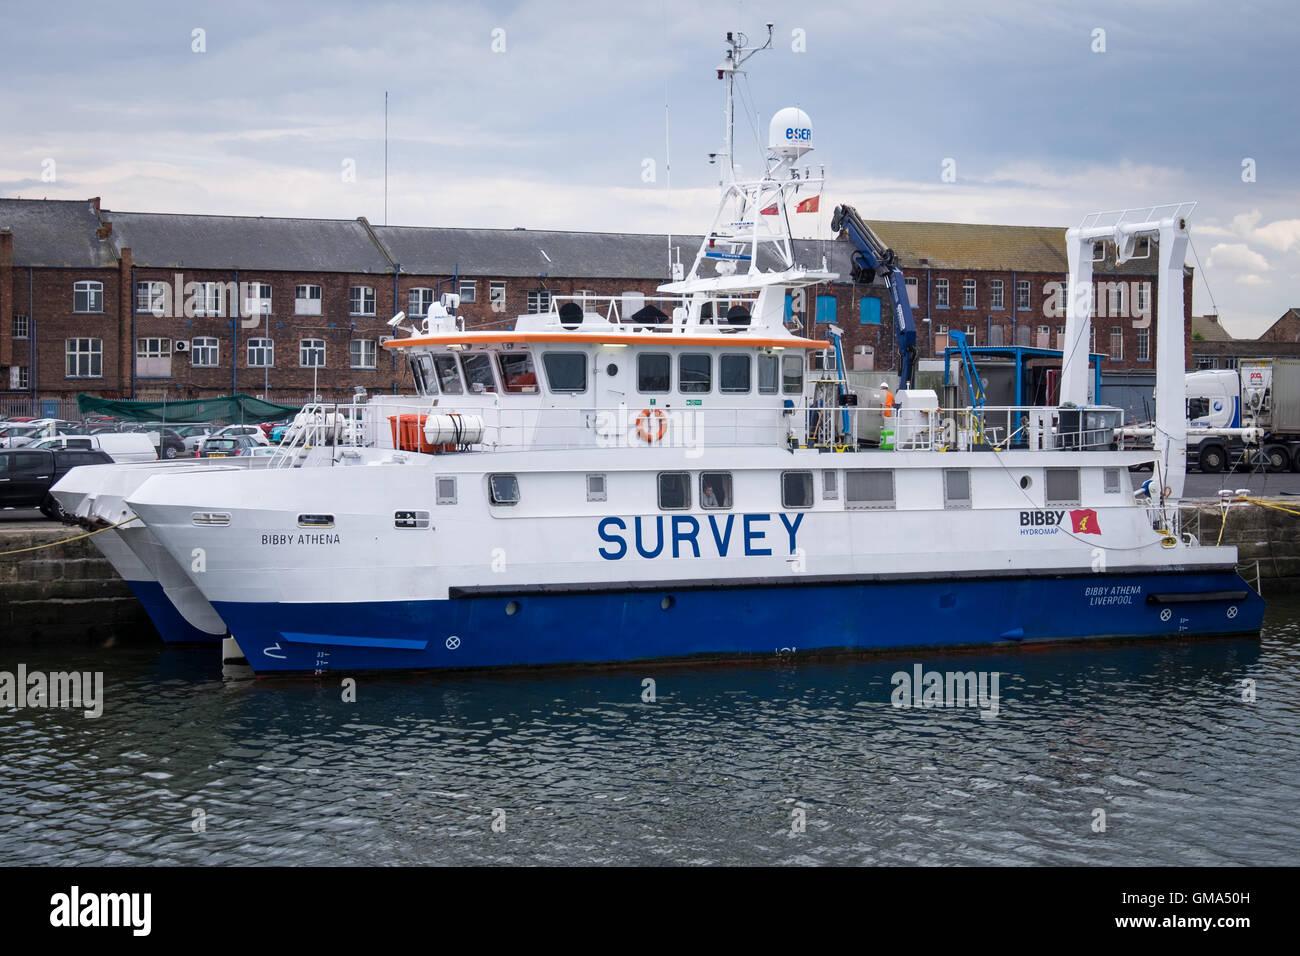 Survey vessel, 'Bibby Athena' in Grimsby Royal Dock - Stock Image